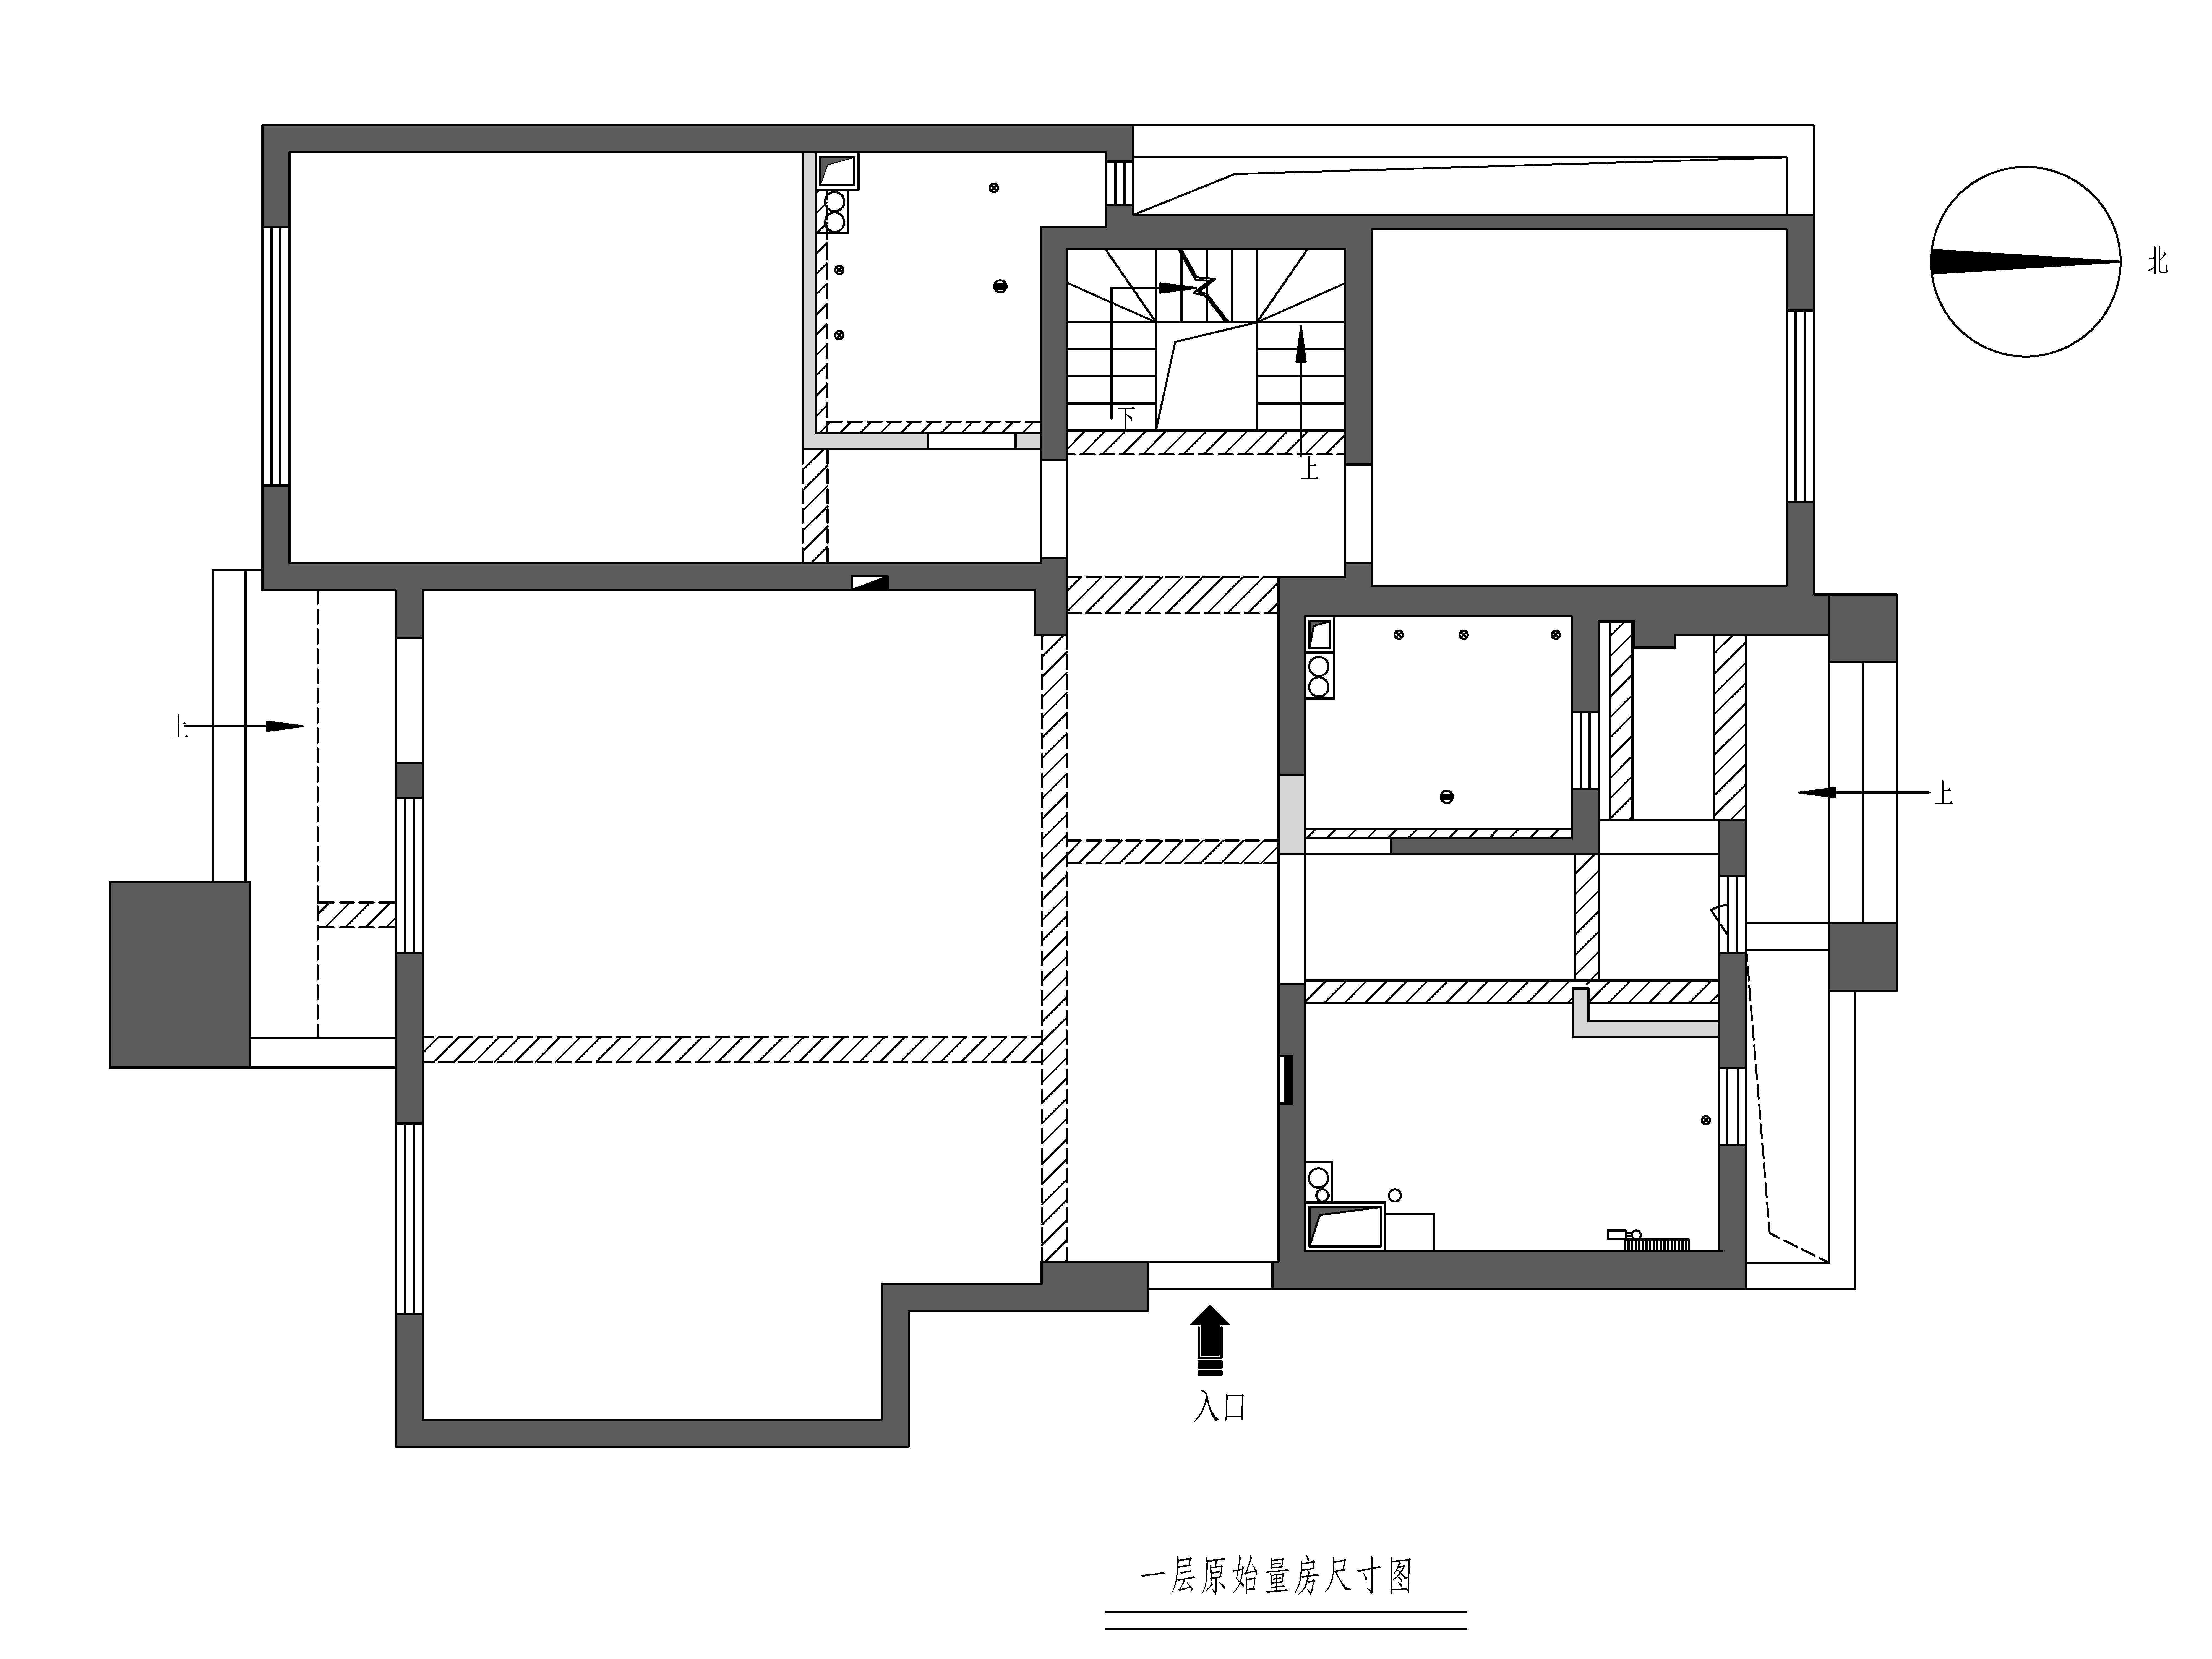 阳光揽胜180平新中式别墅设计风格装修设计理念